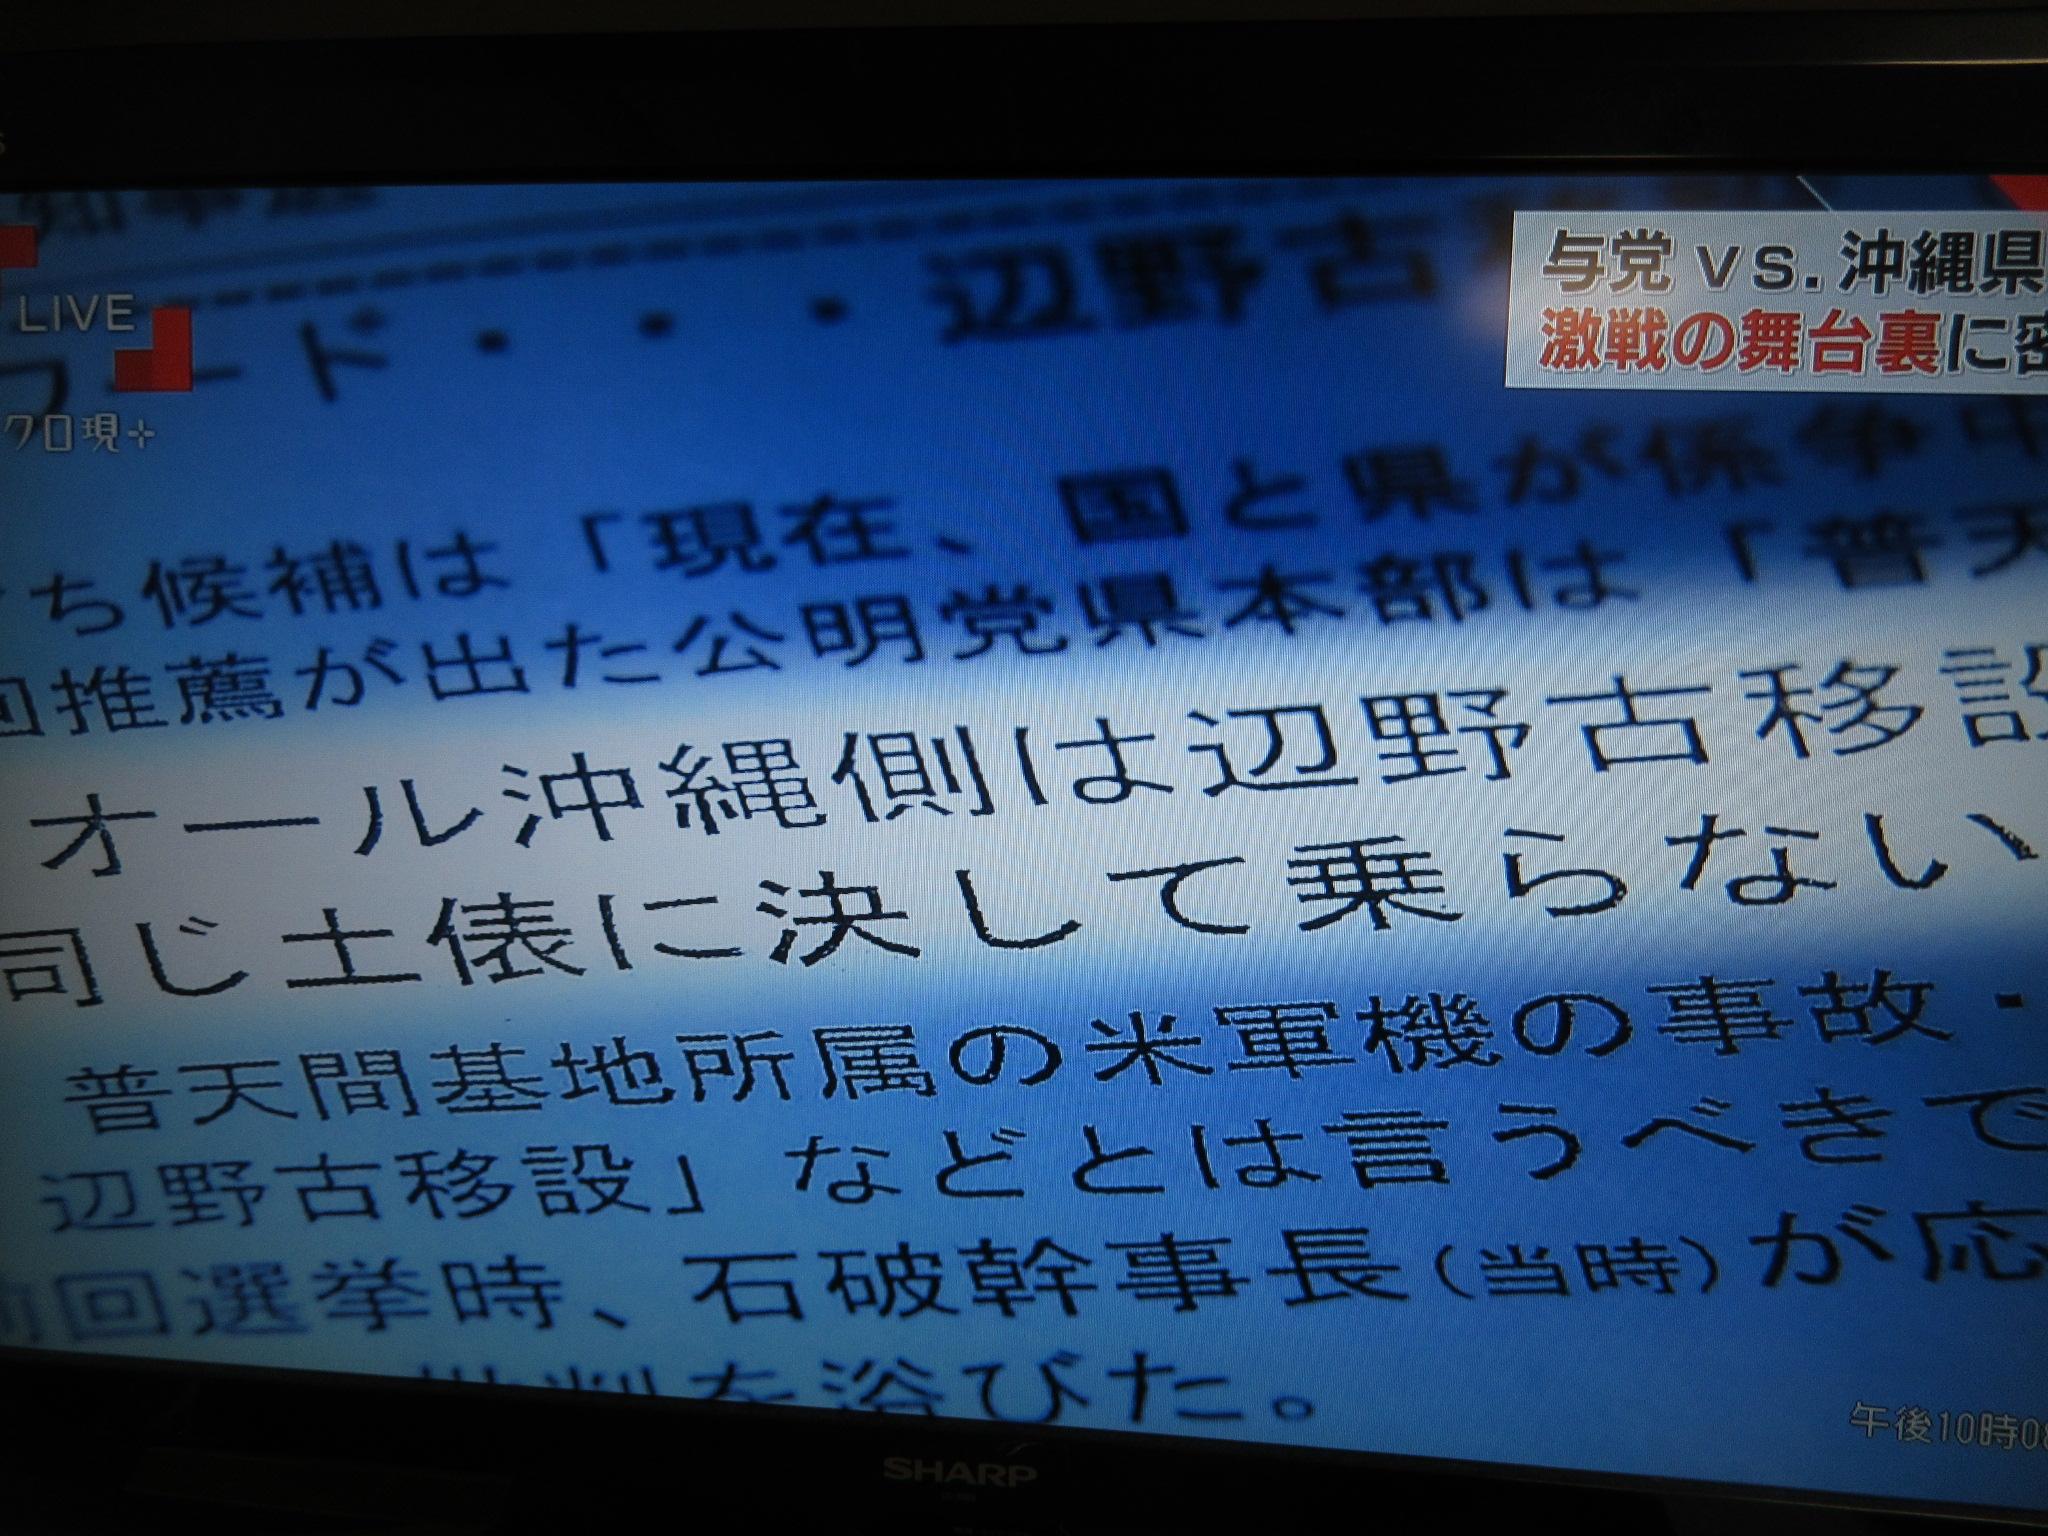 http://www.inoue-satoshi.com/diary/IMG_3462.JPG